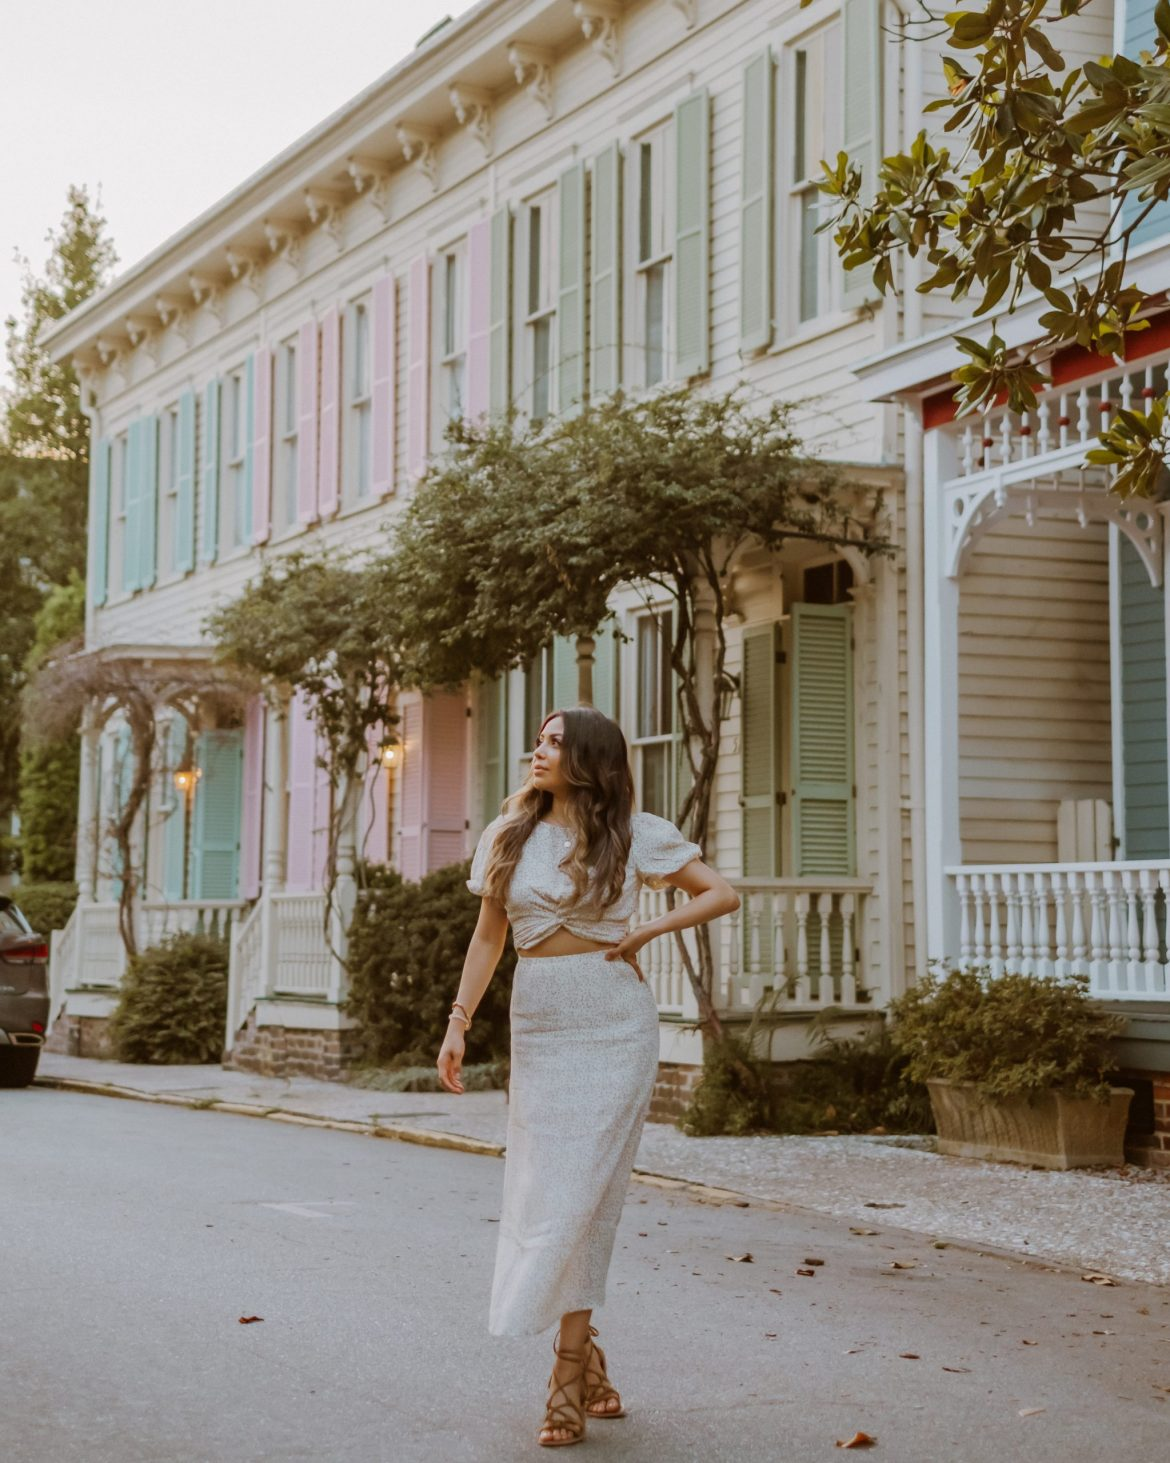 Pretty Street in Savannah, Georgia   travel outfit ideas